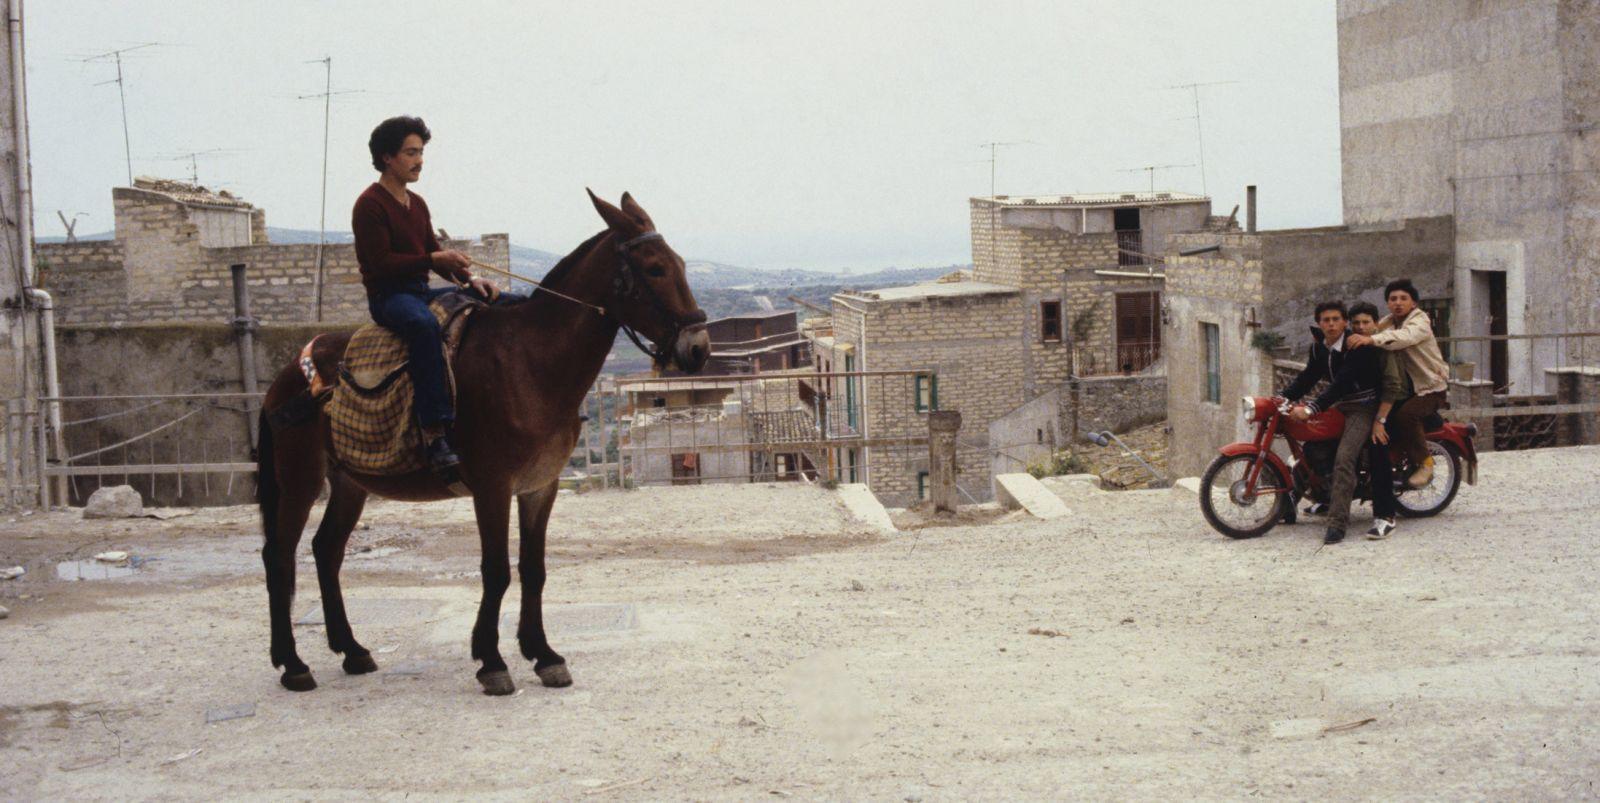 Farbiges Szenenfoto: Ein Mann sitzt auf einem Pferd, im Hintergrund eine heruntergekommene Stadt